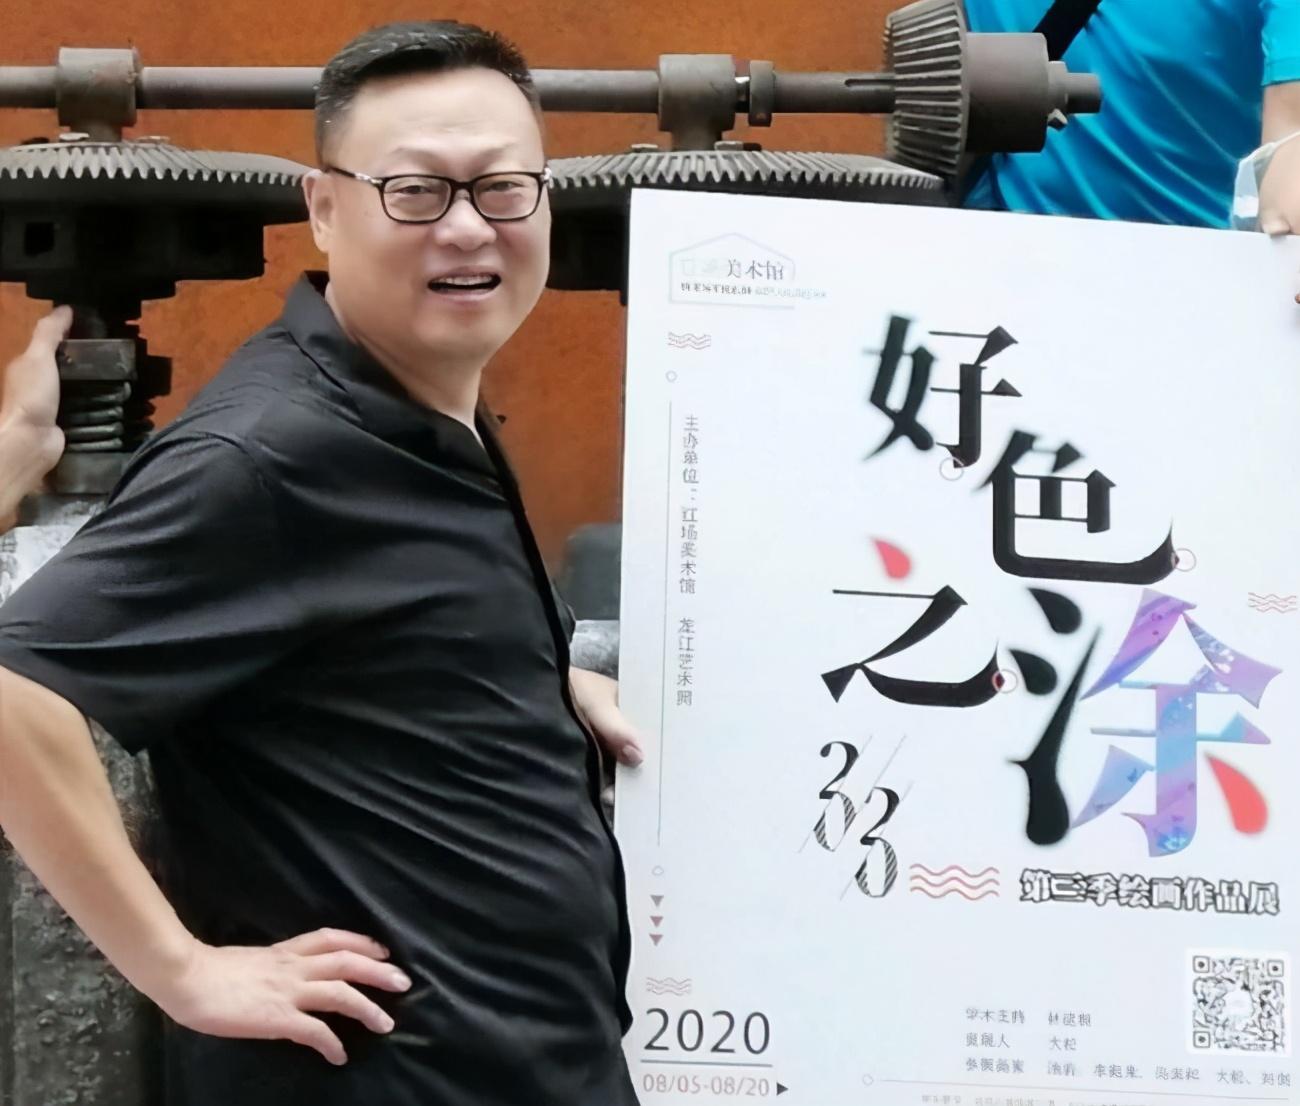 策展人画评人画家大松——一个斜杠中年男